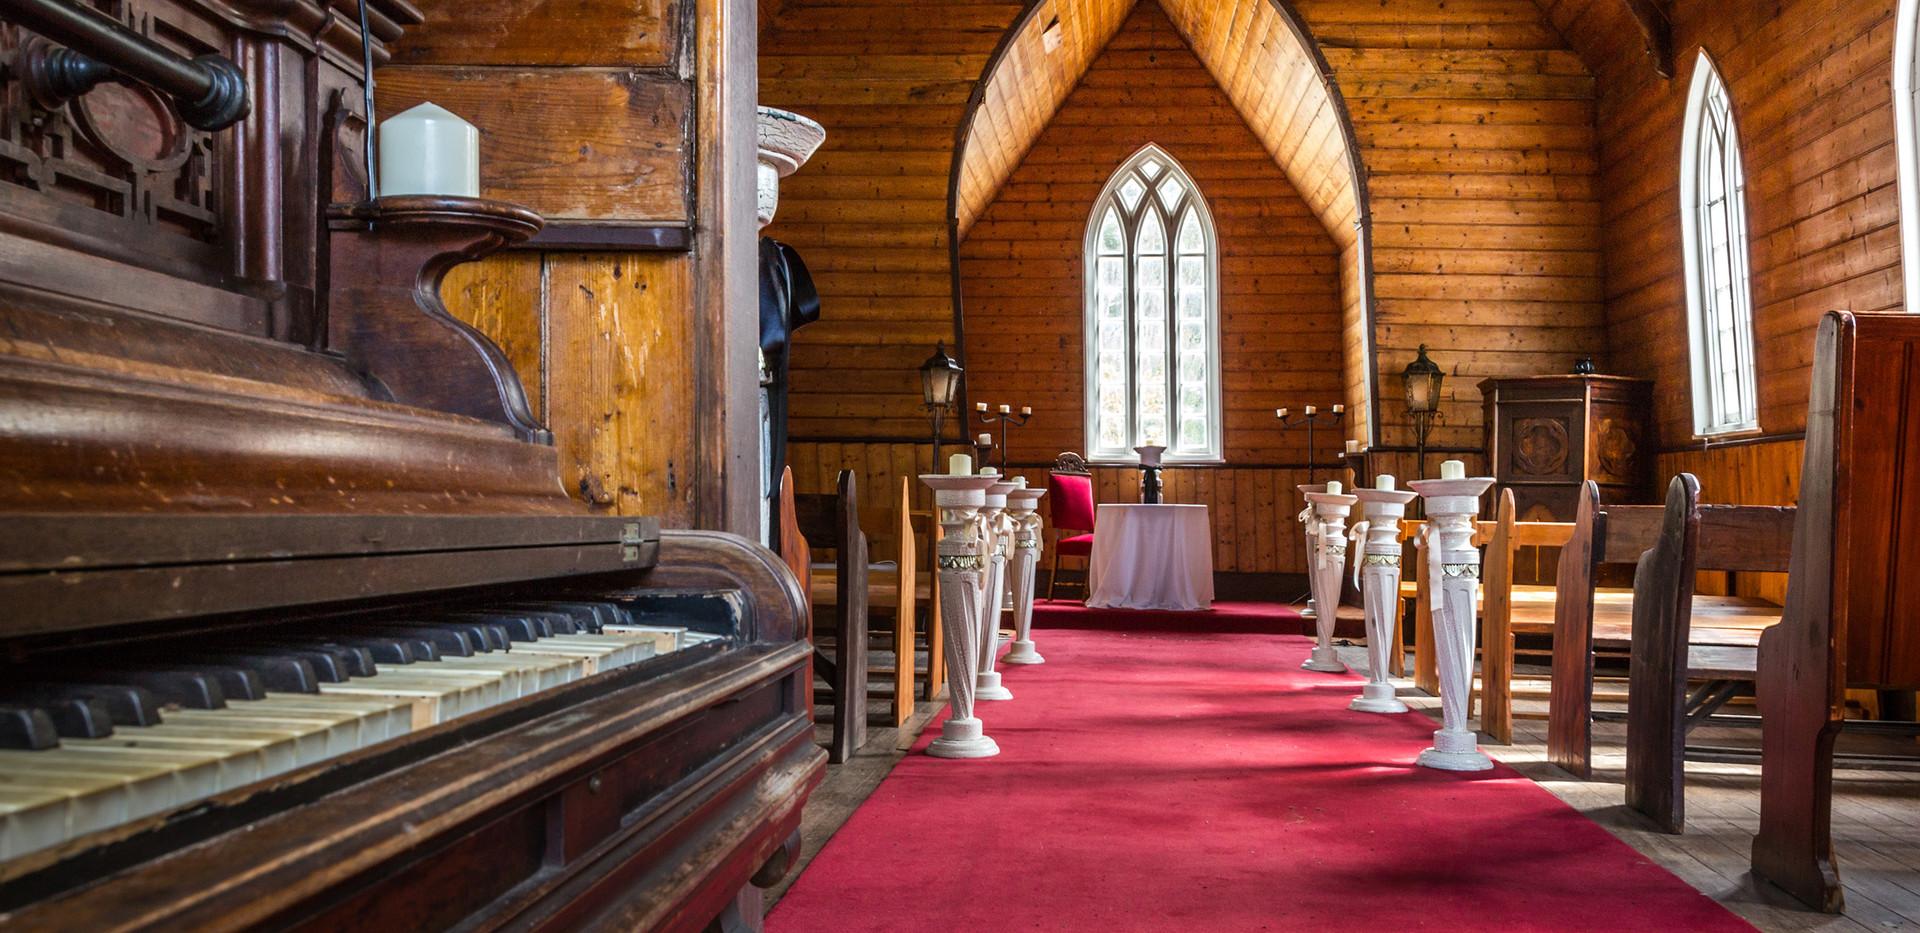 Church at Hawley